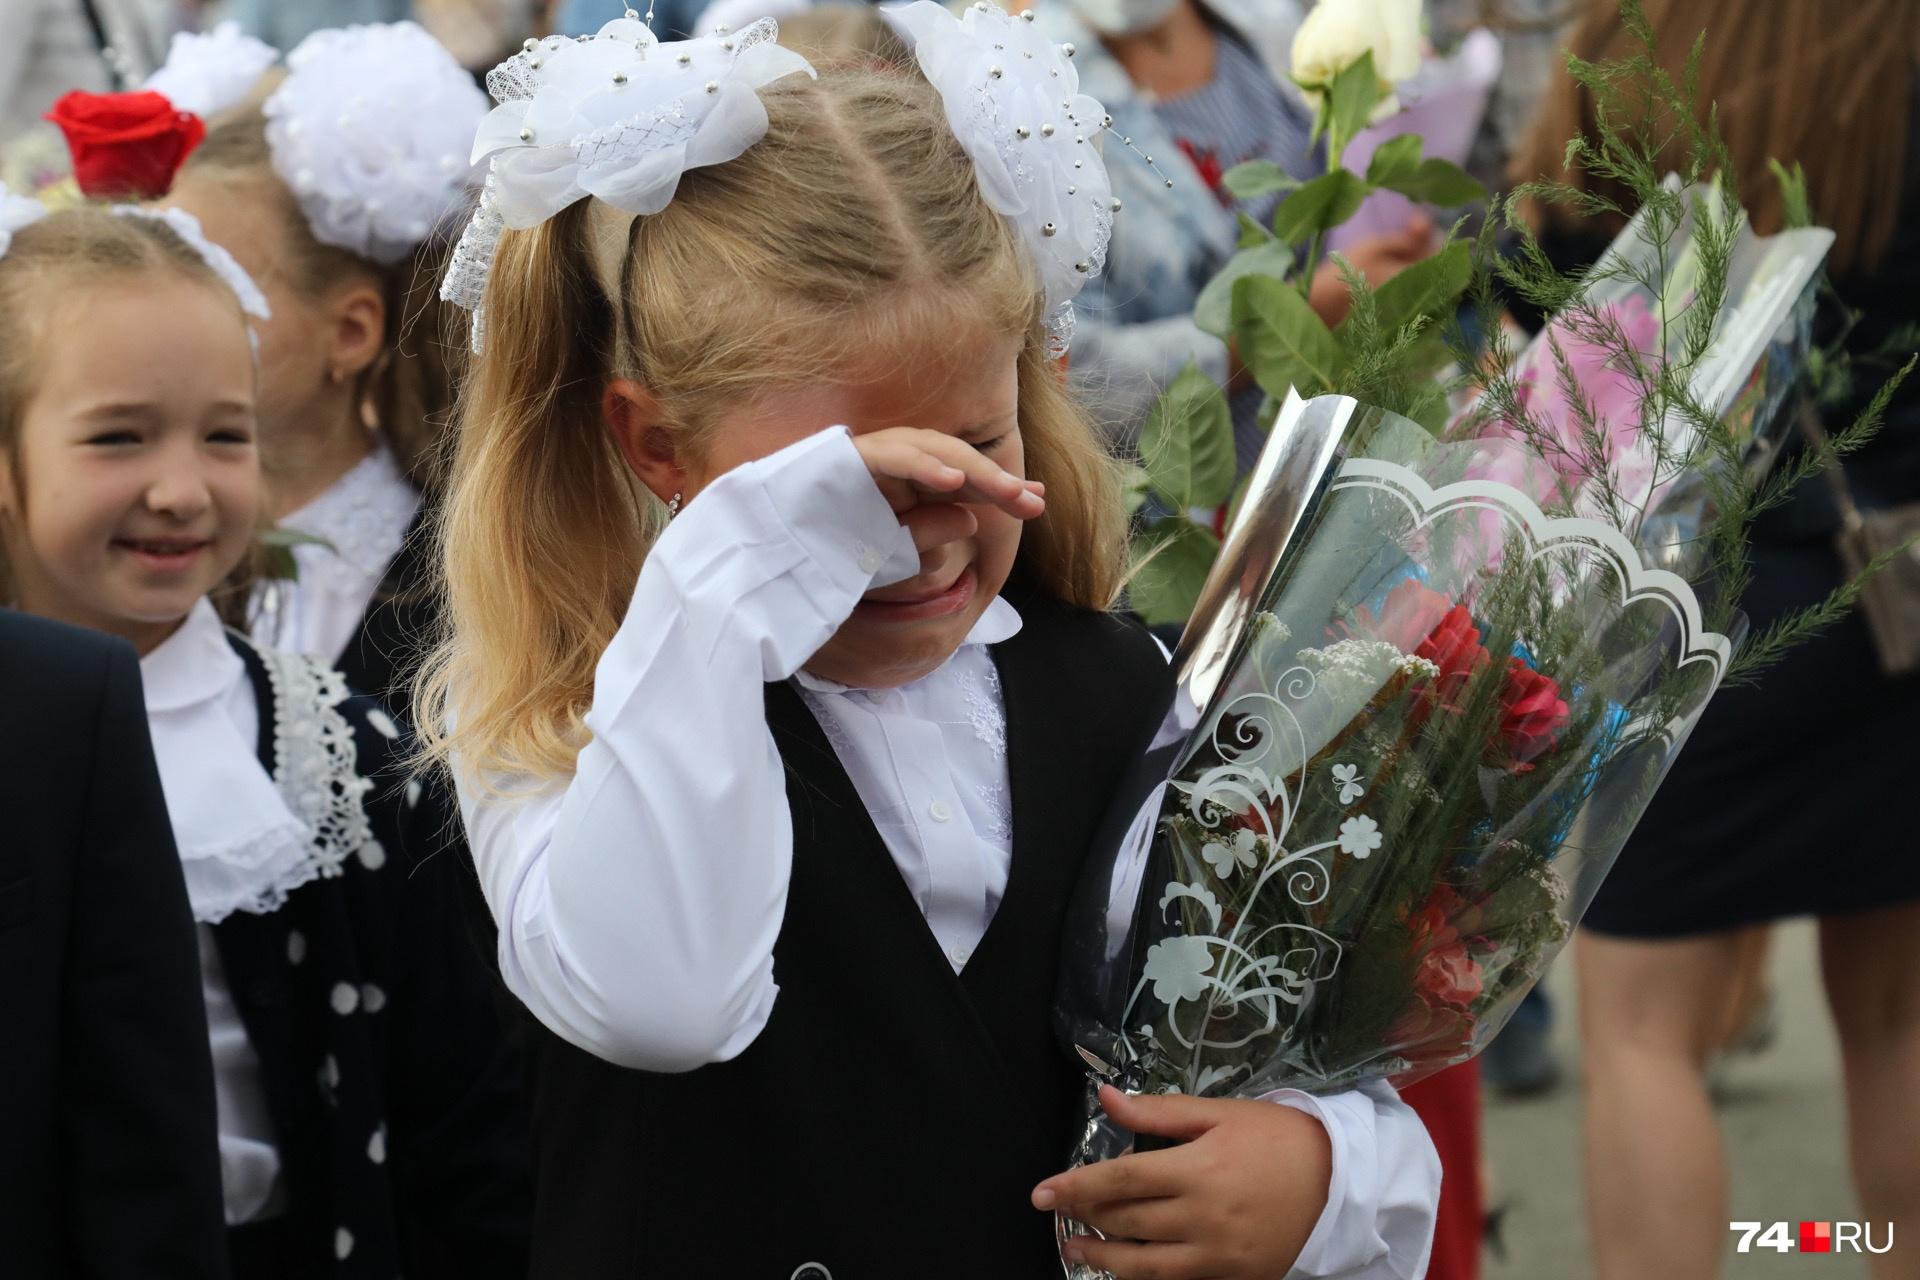 Сдержать эмоции сегодня трудно и взрослым, и детям